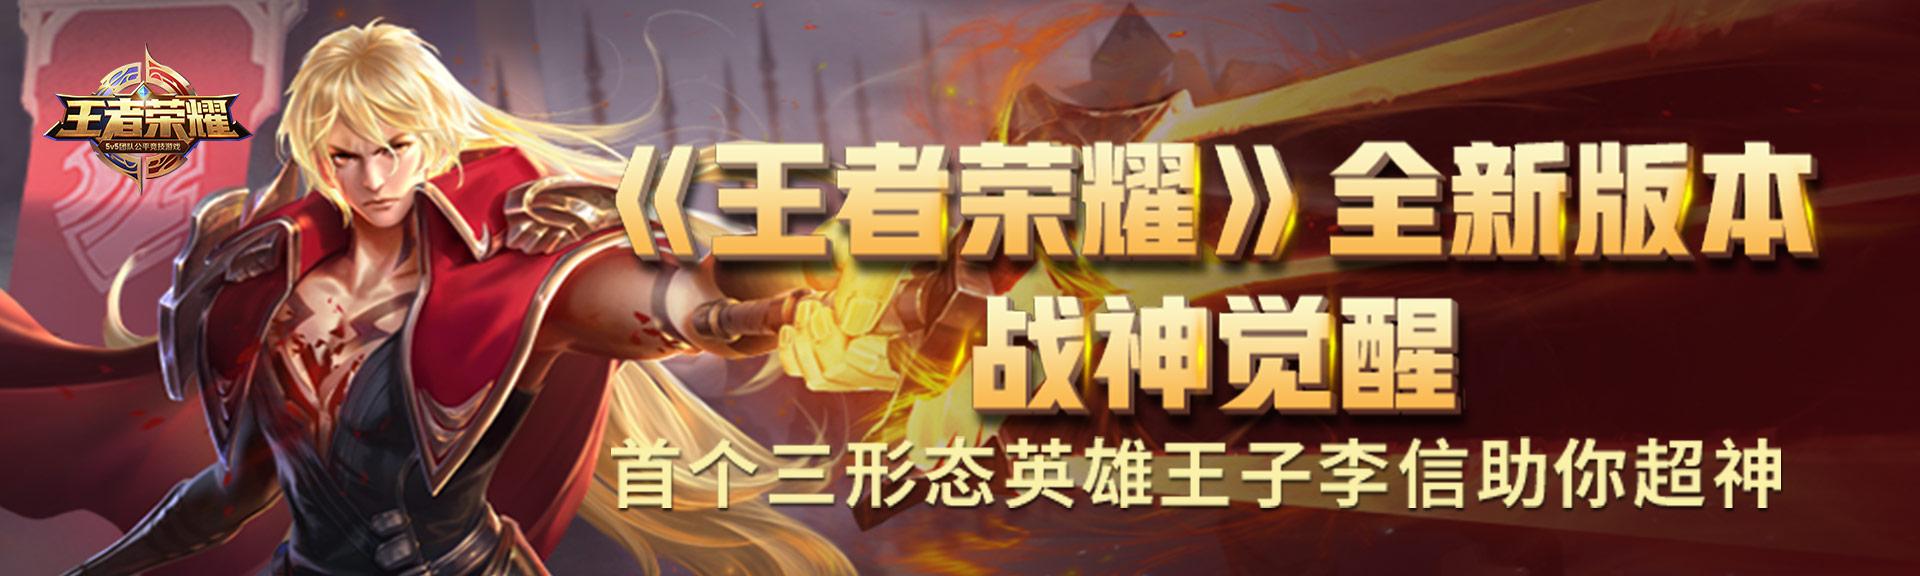 《王者荣耀》全新版本战神觉醒,首个三形态英雄李信助你超神